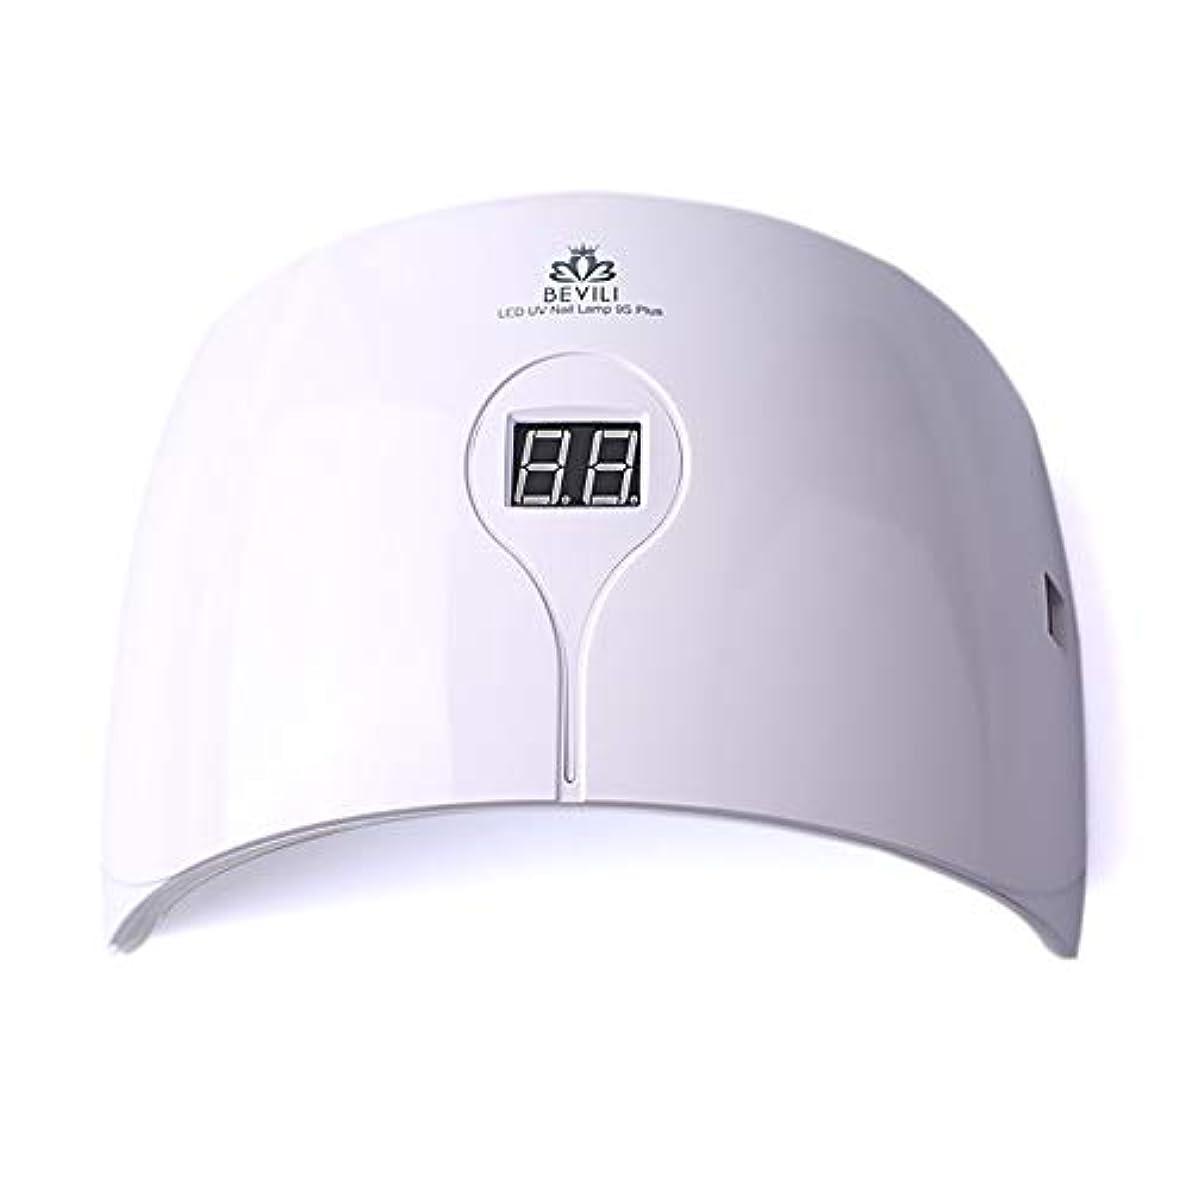 略すパトロン規定LEDネイル光線療法機、多機能ネイルドライヤーホームインテリジェント自動誘導ネイルキュアライト、ポータブルマニキュア機